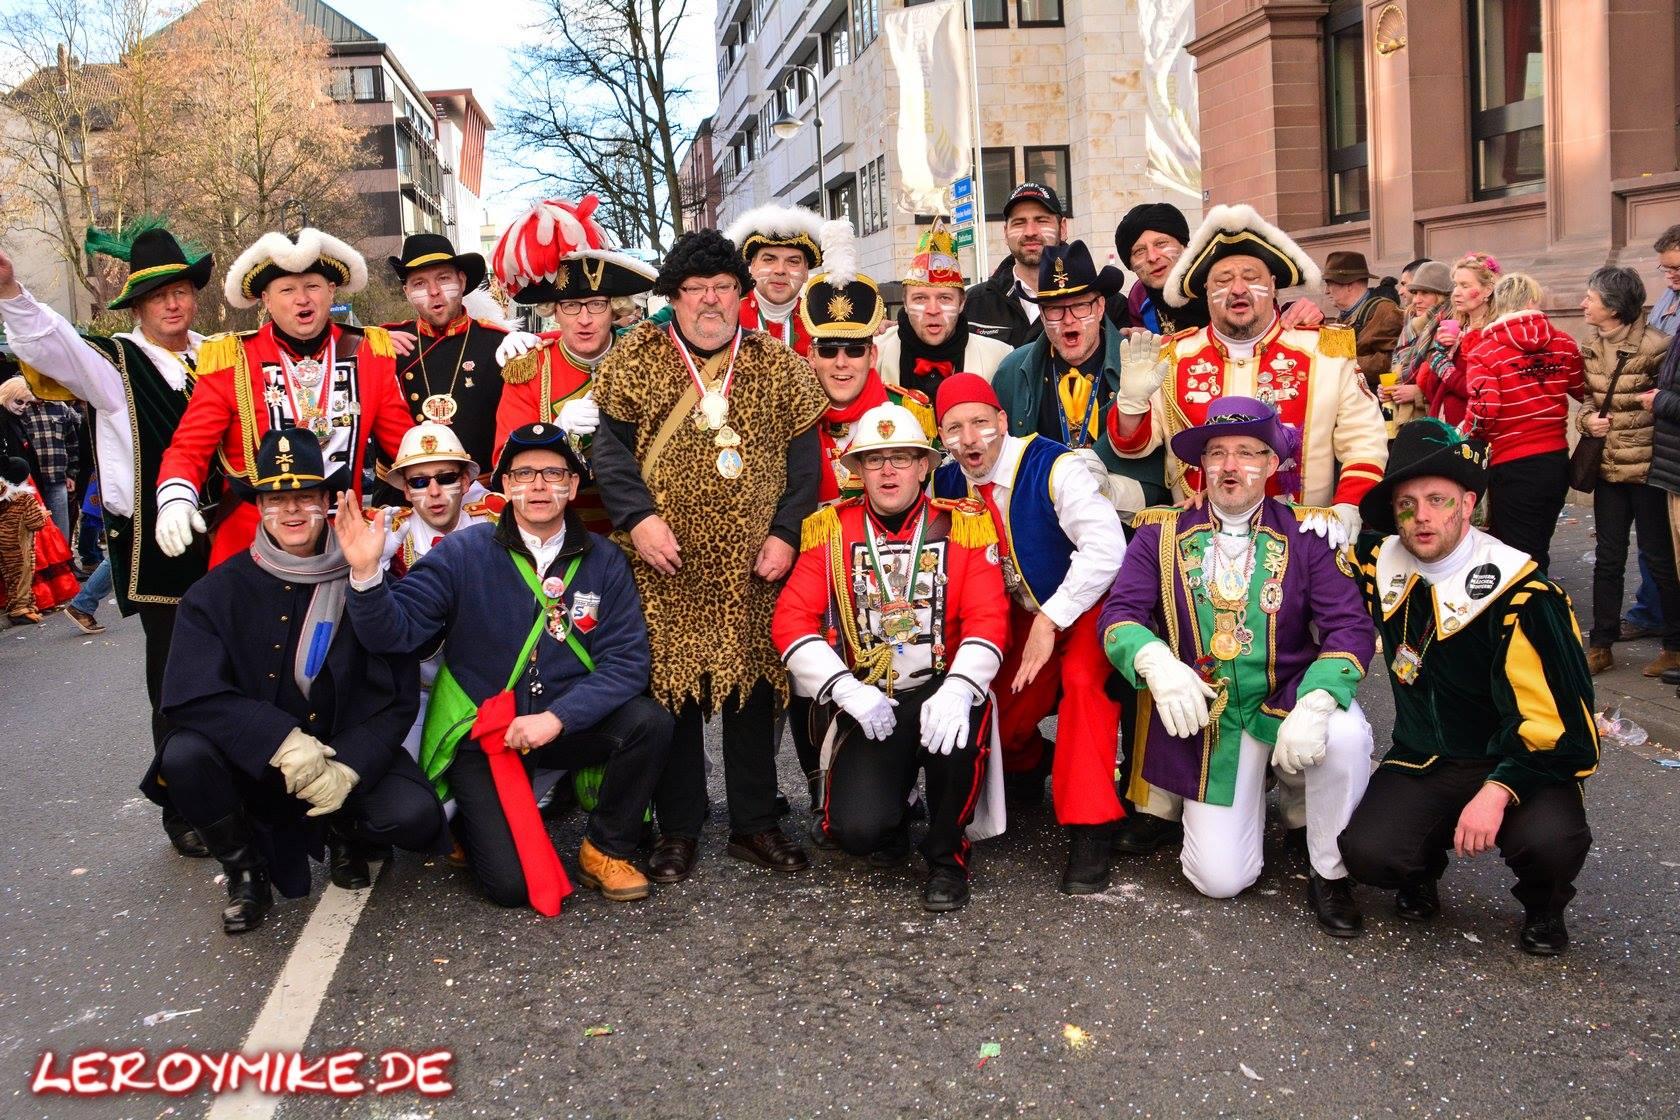 Osthessen Rosenmontagsumzug Fulda Karneval 2017